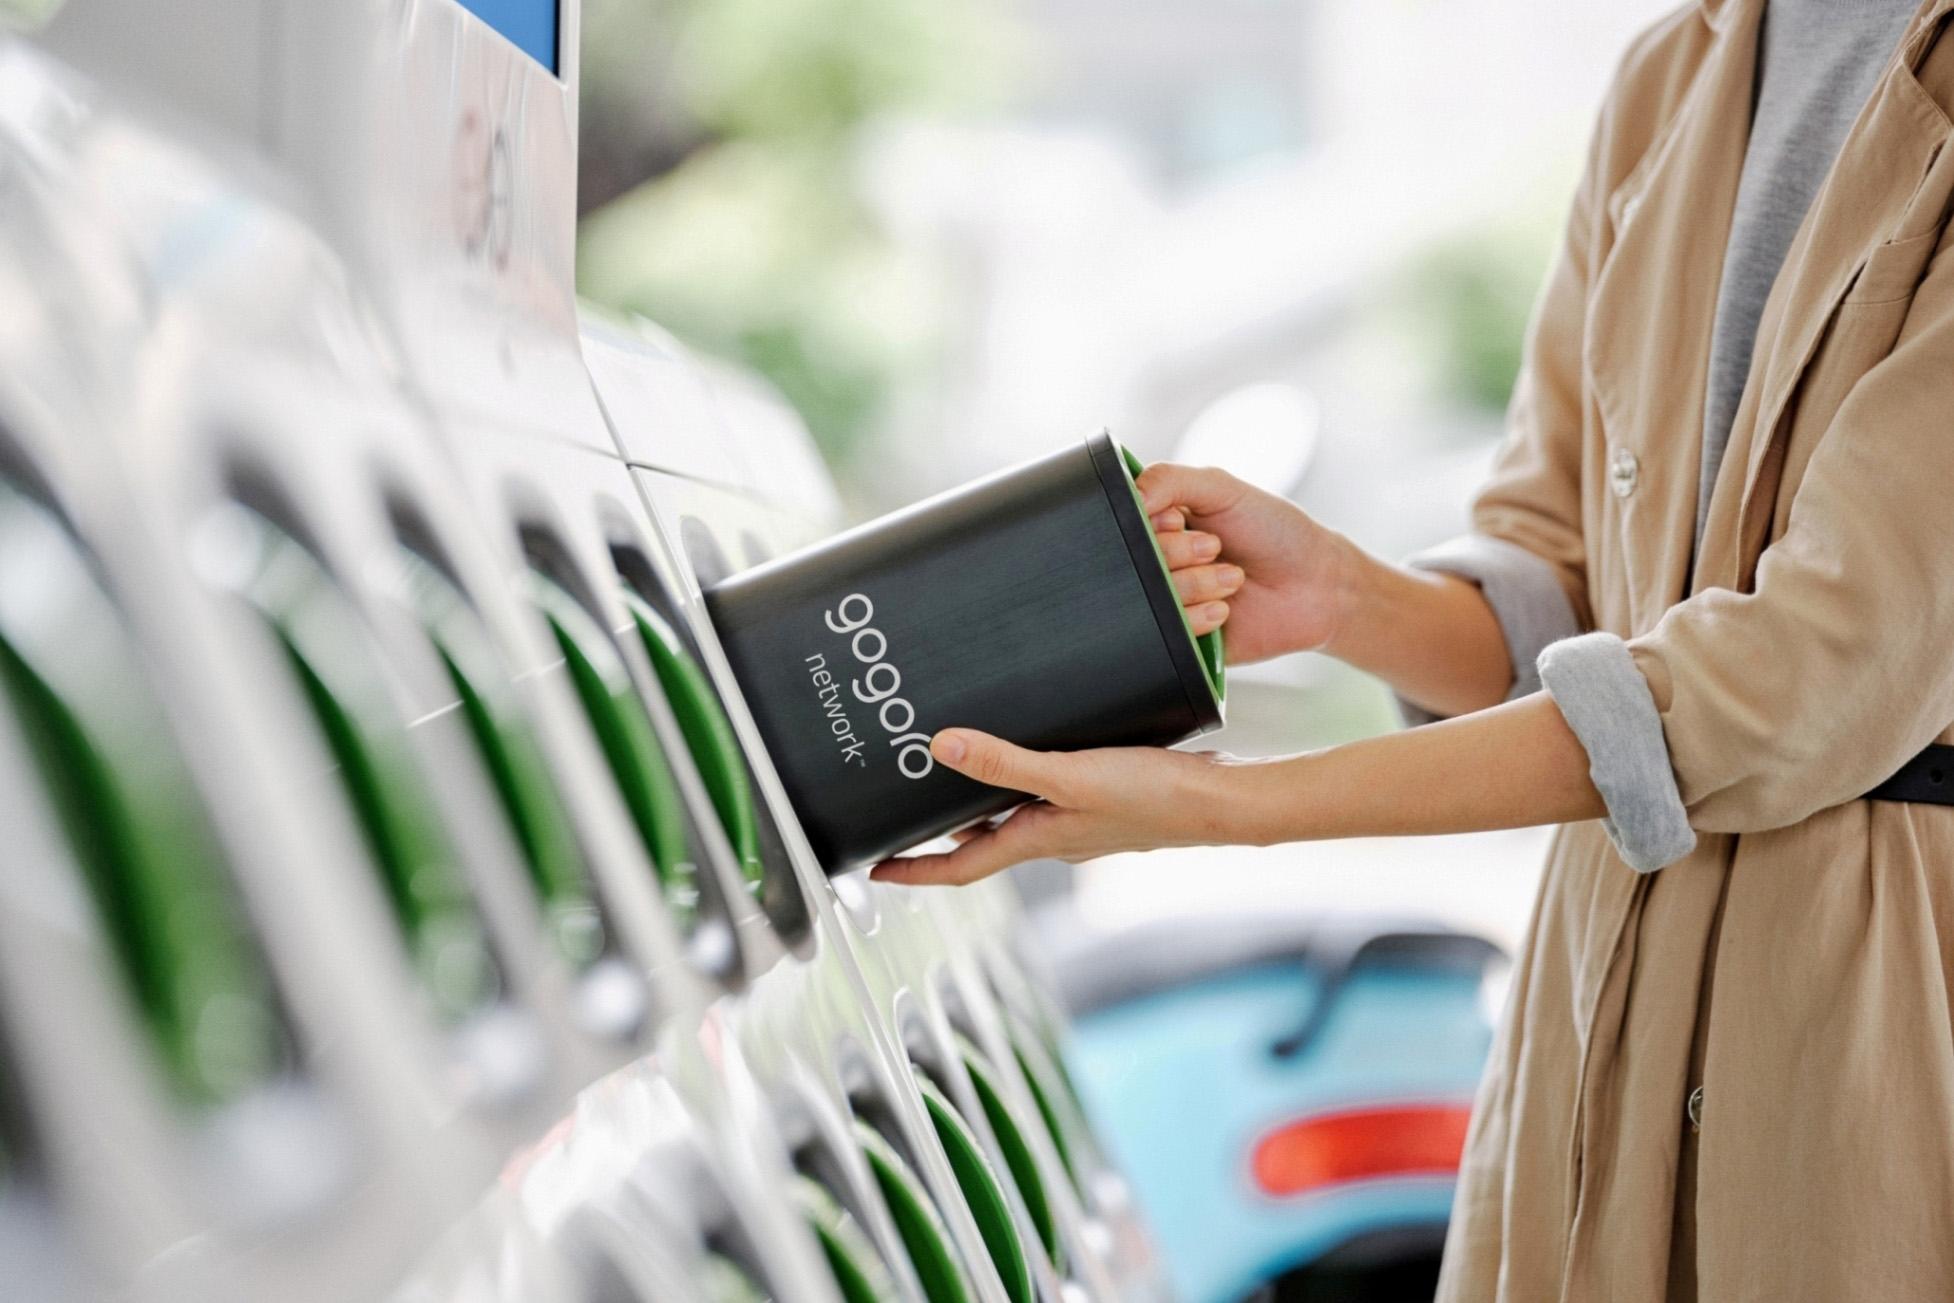 電池成本過高,可能是 Gogoro 迄今無法獲利的關鍵之一。